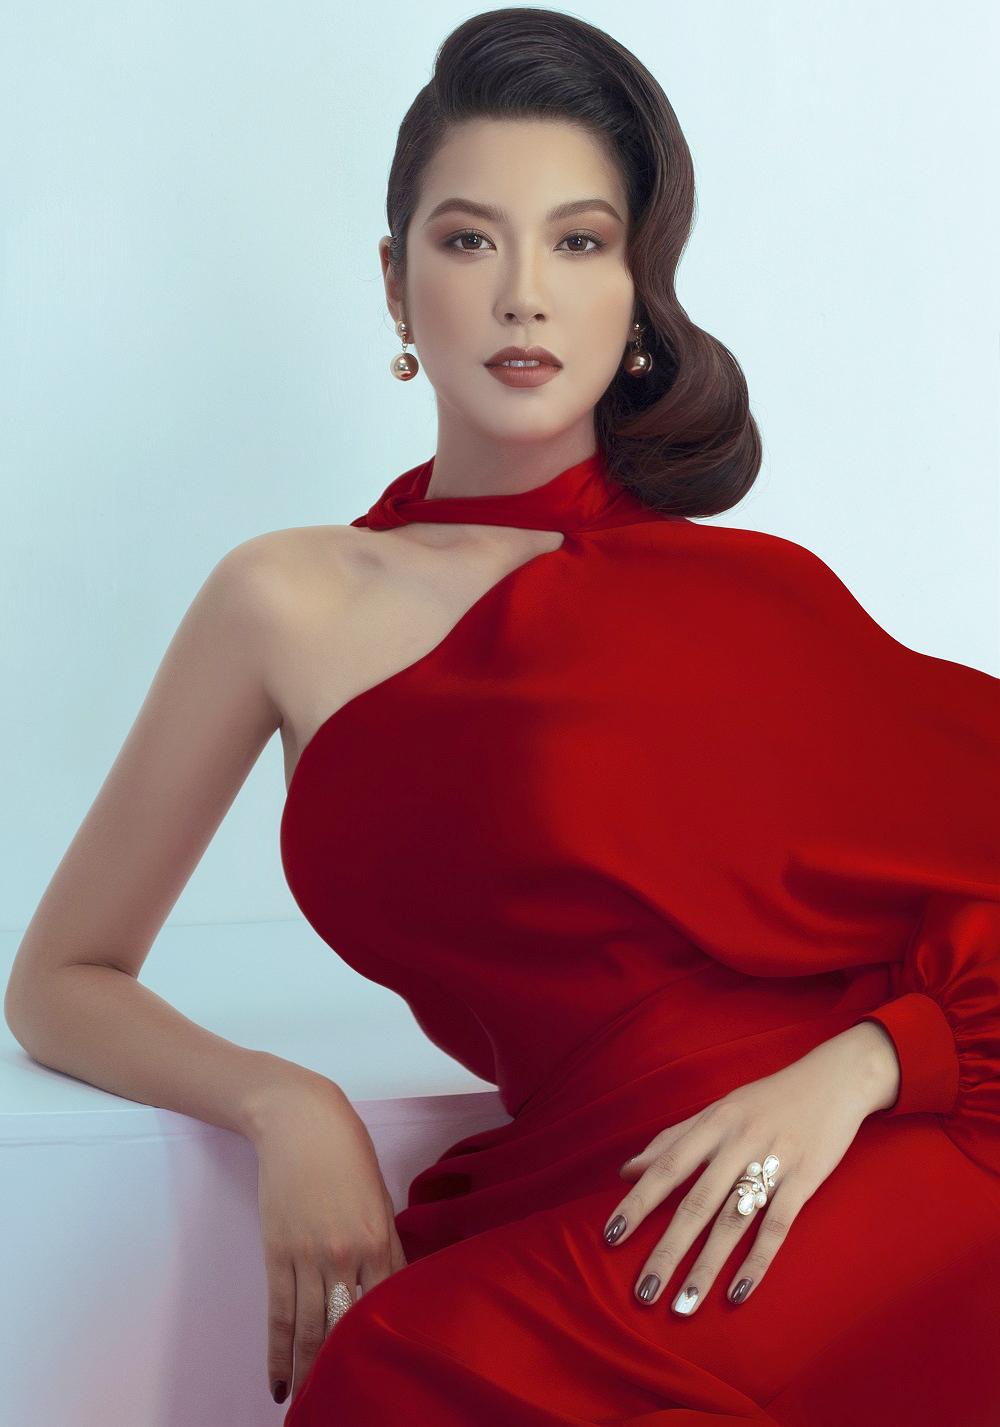 Phạm Hồng Thúy Vân sinh năm 1993, đến từ TPHCM, với chiều cao 1,72m, nặng 54kg, số đo 82-60-90cm